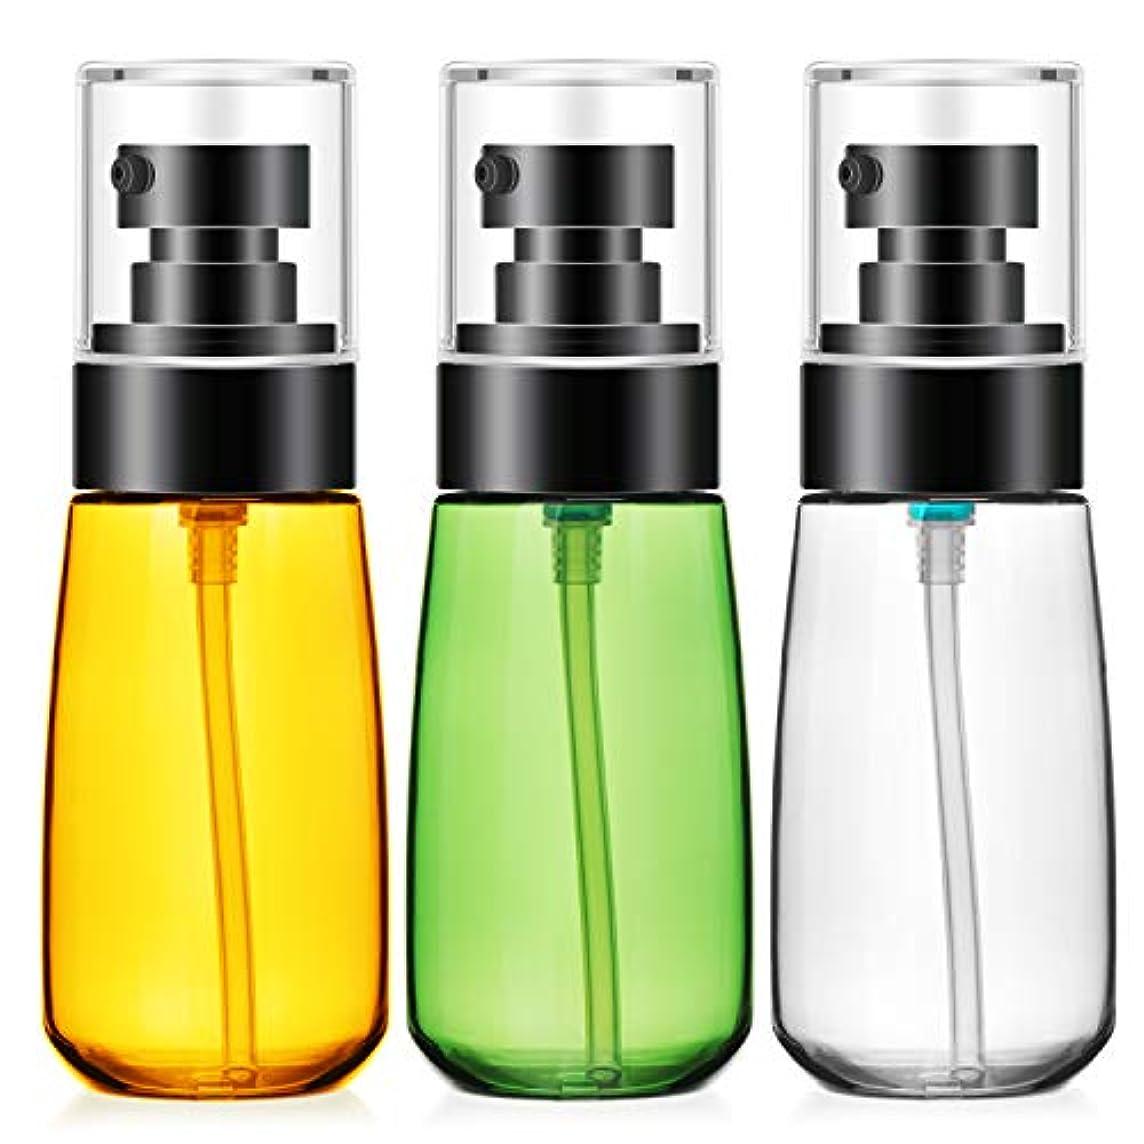 容赦ないかなりの誠意Segbeauty 乳液小分けの詰替え容器 ボルト 60ml 三色 3本セット 分けやすい 持ちやすい 旅行用品 便利さ